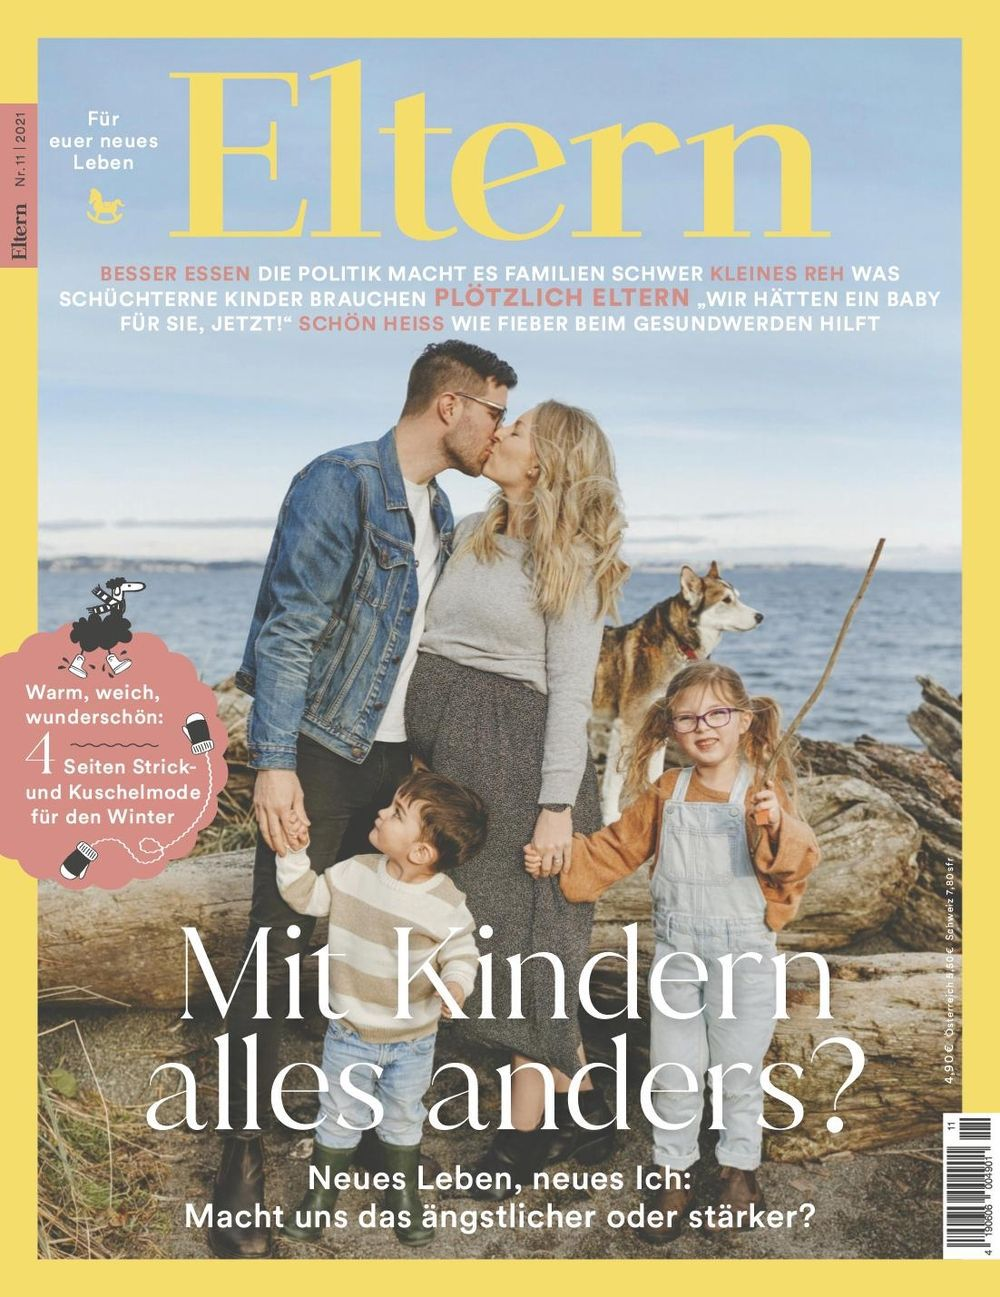 Jahresabo der Zeitschrift Eltern für 58,80€ + Prämie 50€ Amazon Gutschein